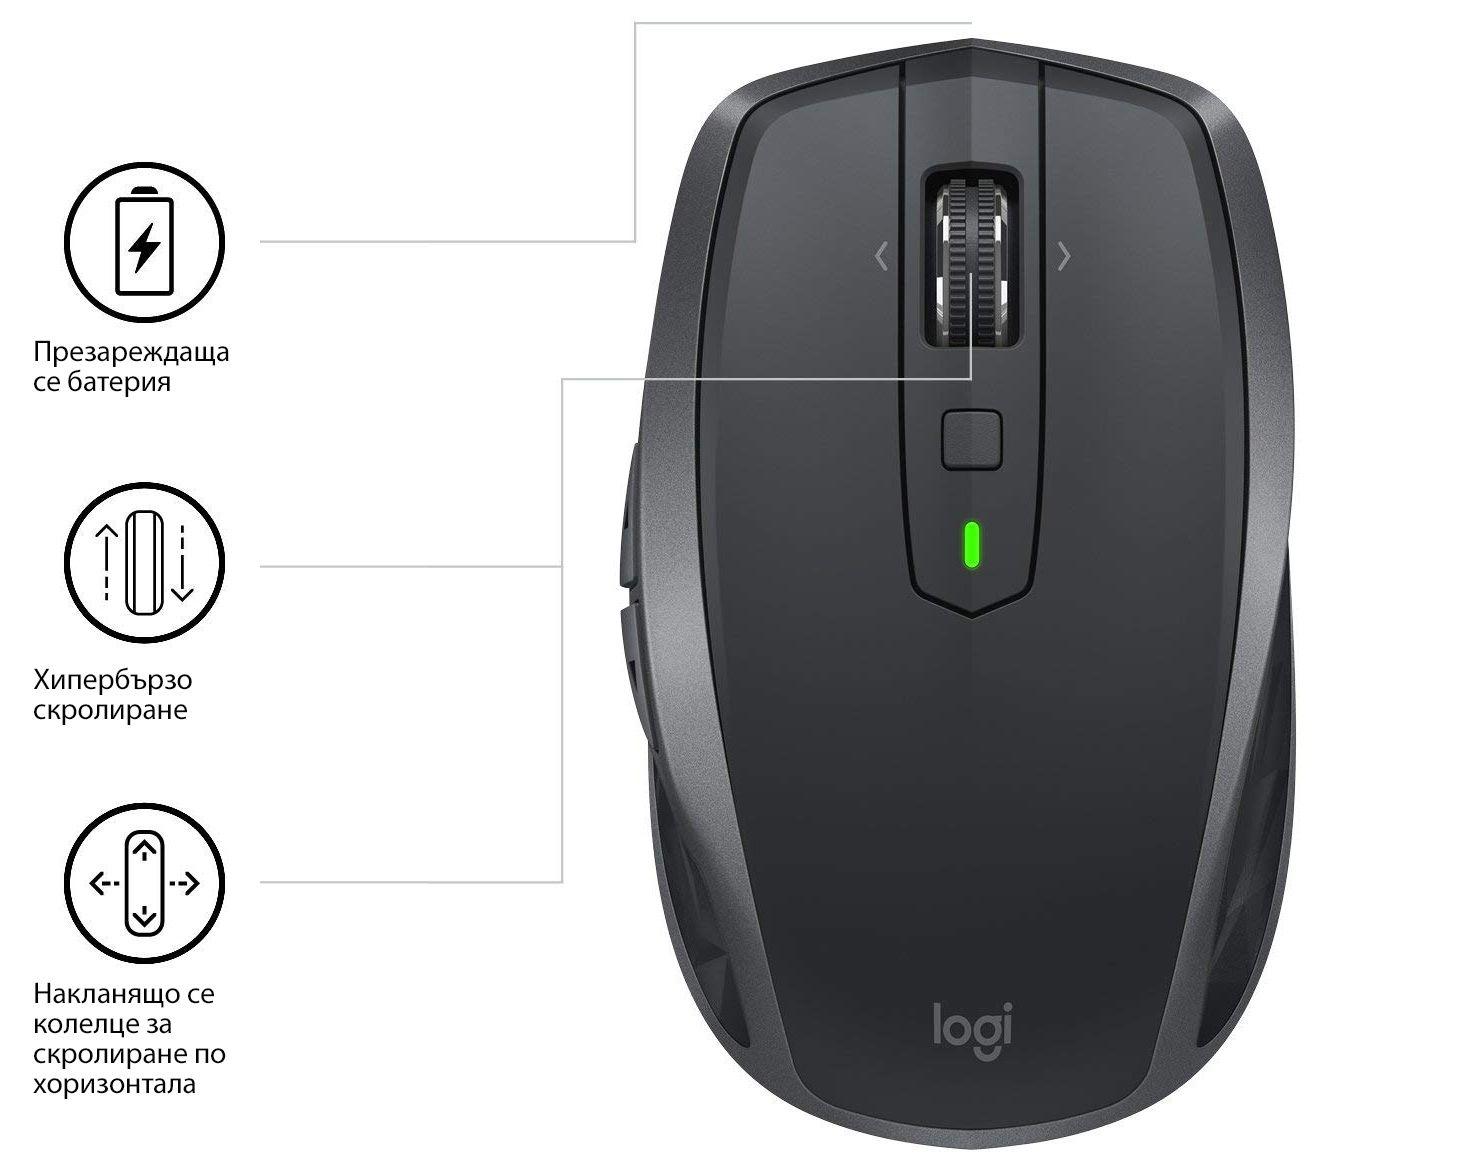 Безжична мишка Logitech MX Anywhere 2S, Graphite - 4